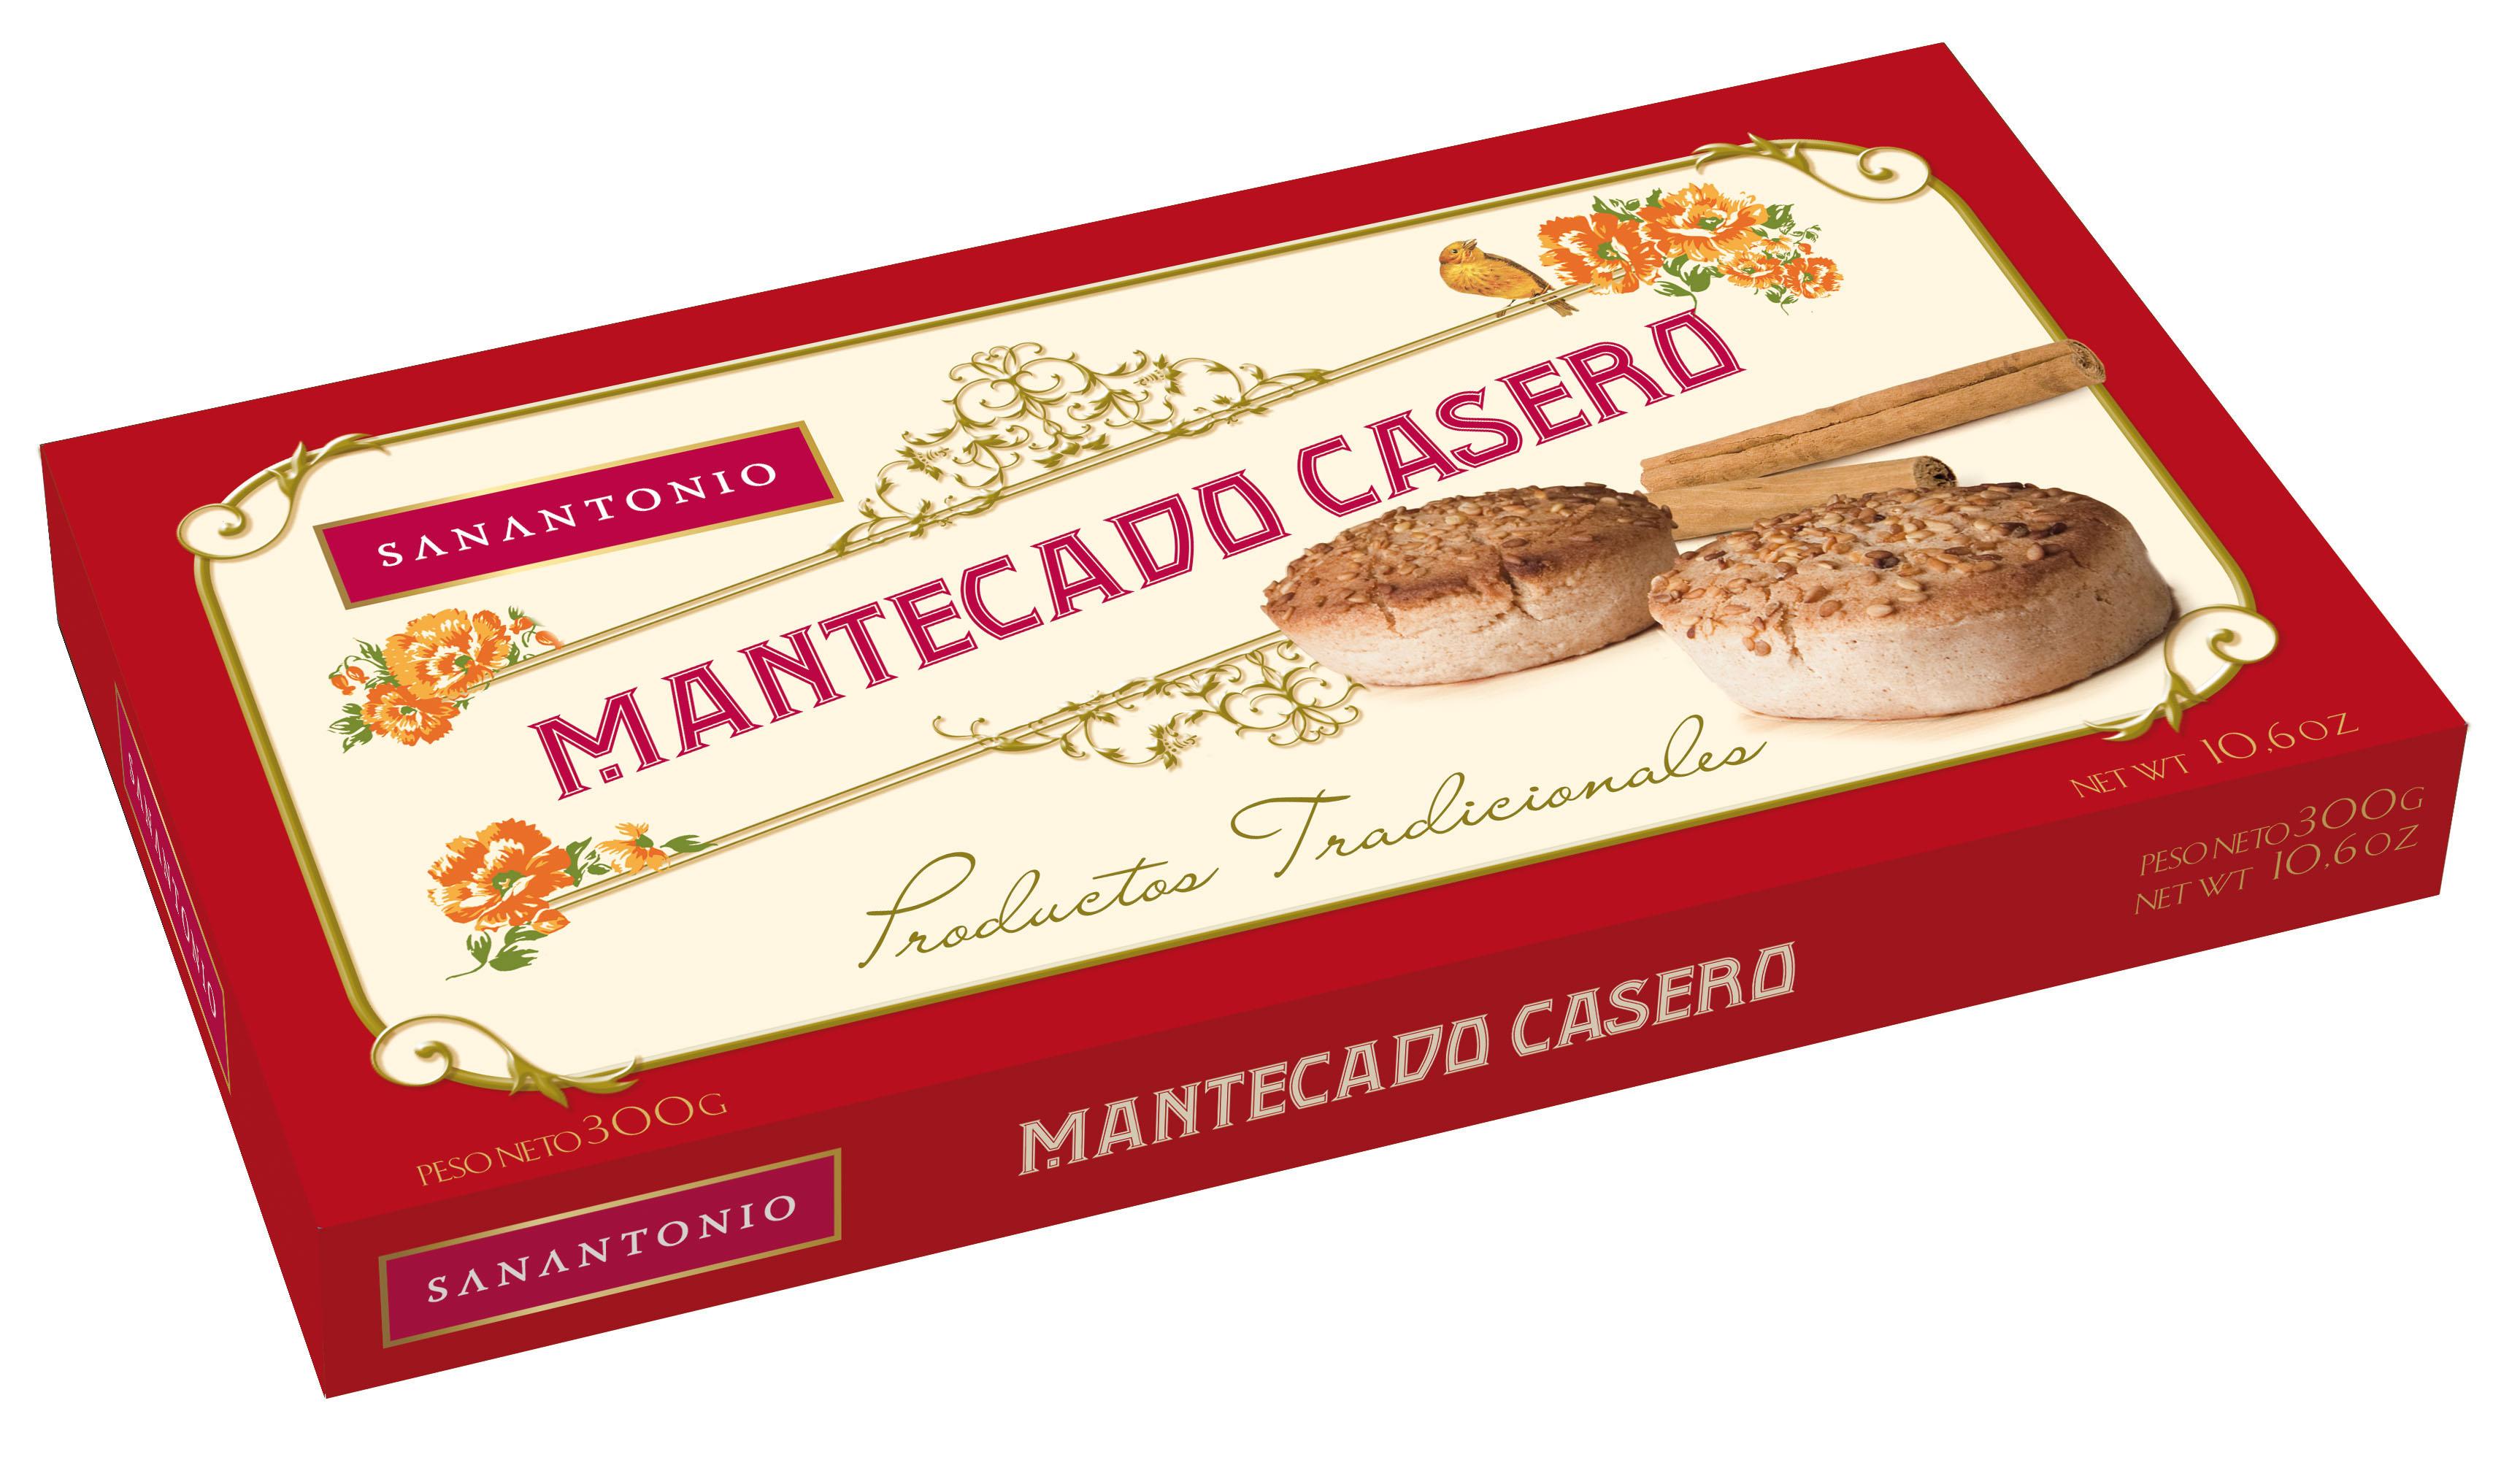 Mantecado casero gourmet